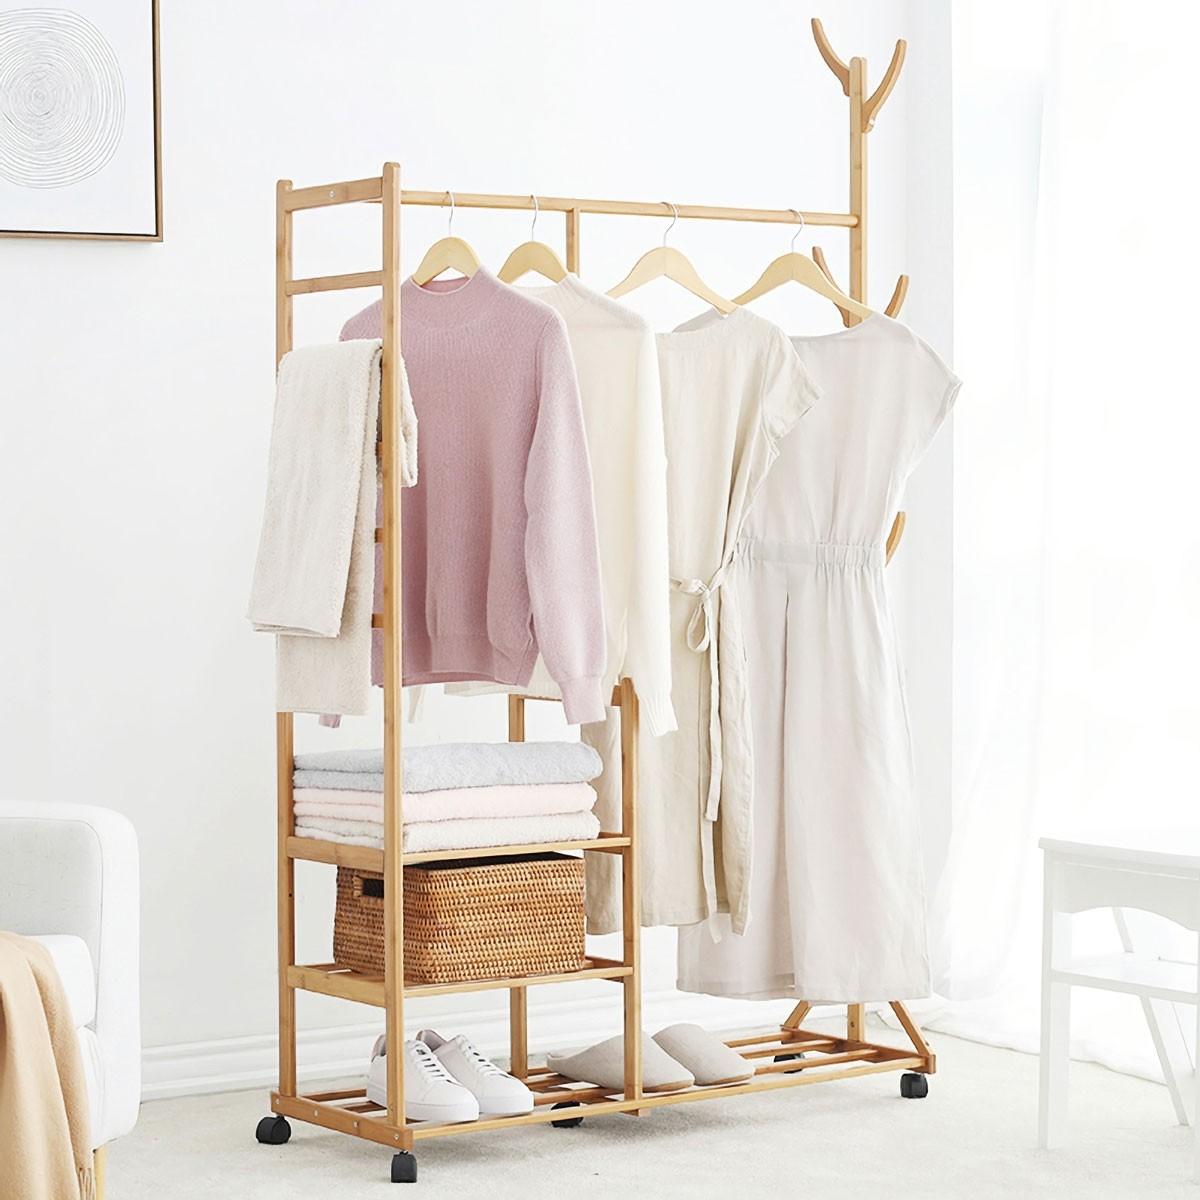 kleiderständer-bambus-yorbay-08